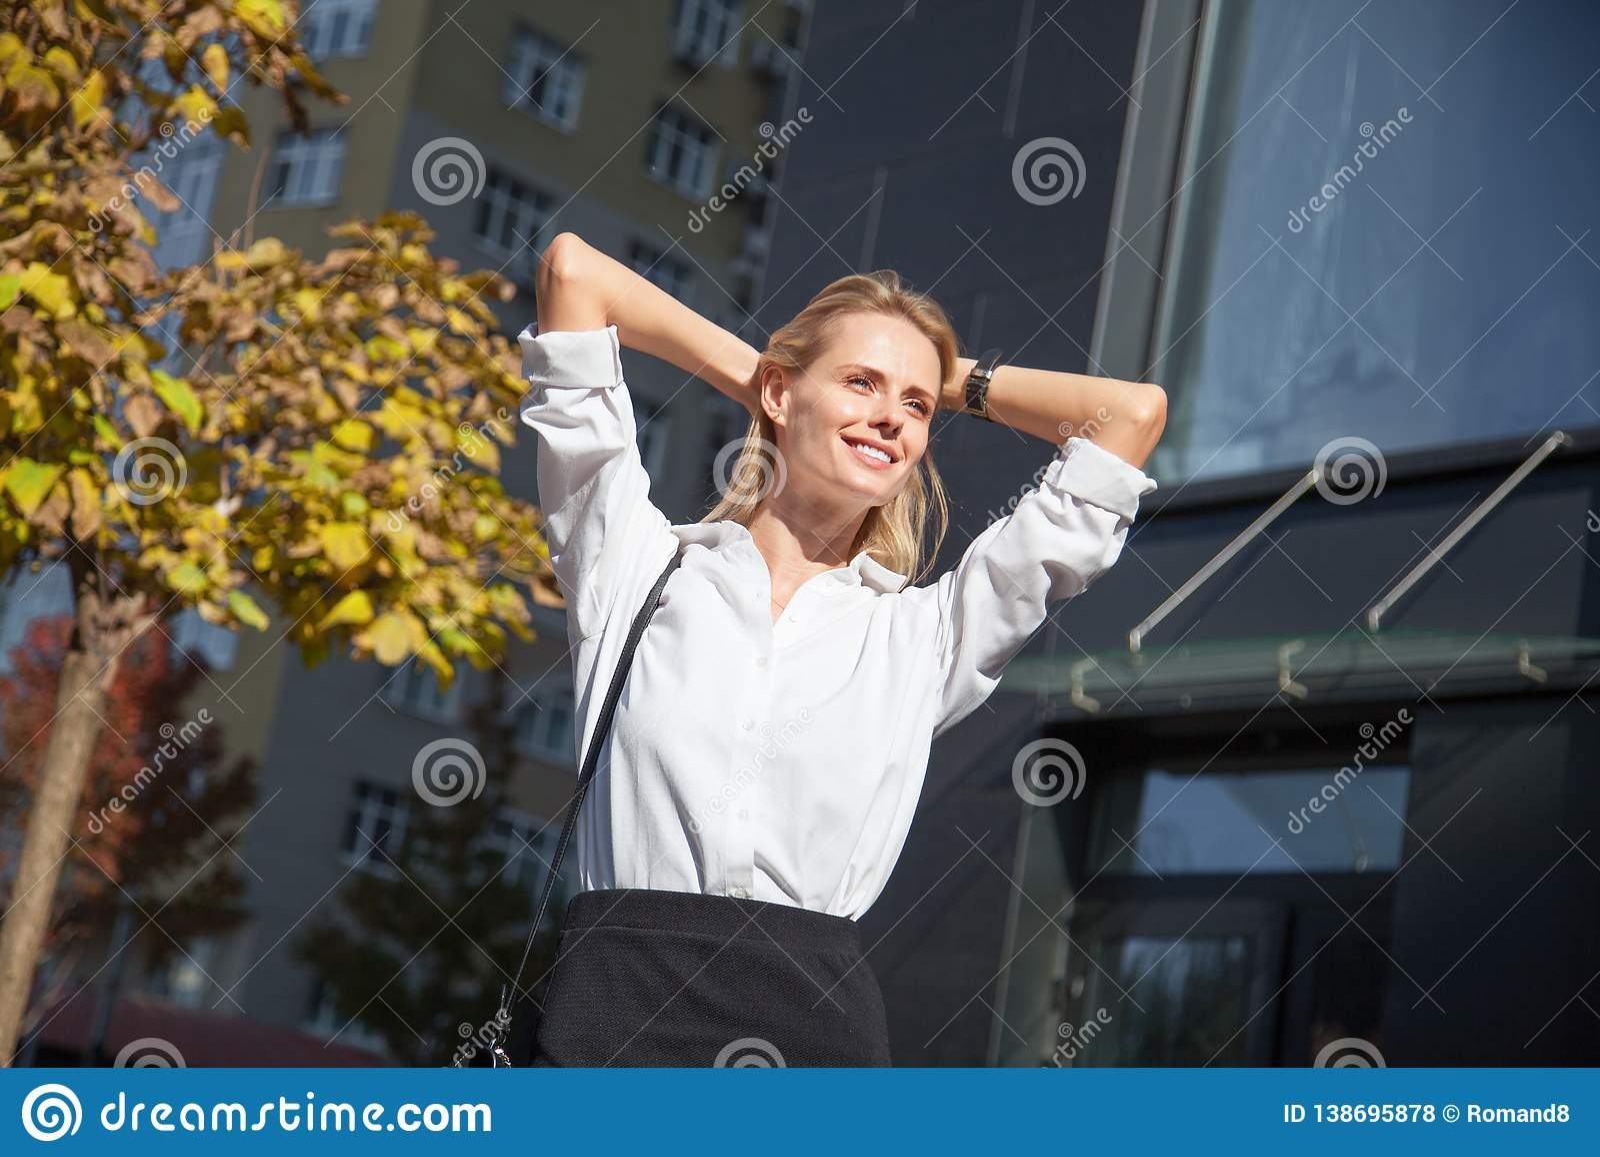 Zrelaksowana spokojna szczęśliwa kobieta odpoczywa brać zdrowe przerwy mienia ręki za kierowniczym oddychania świeżym powietrzem